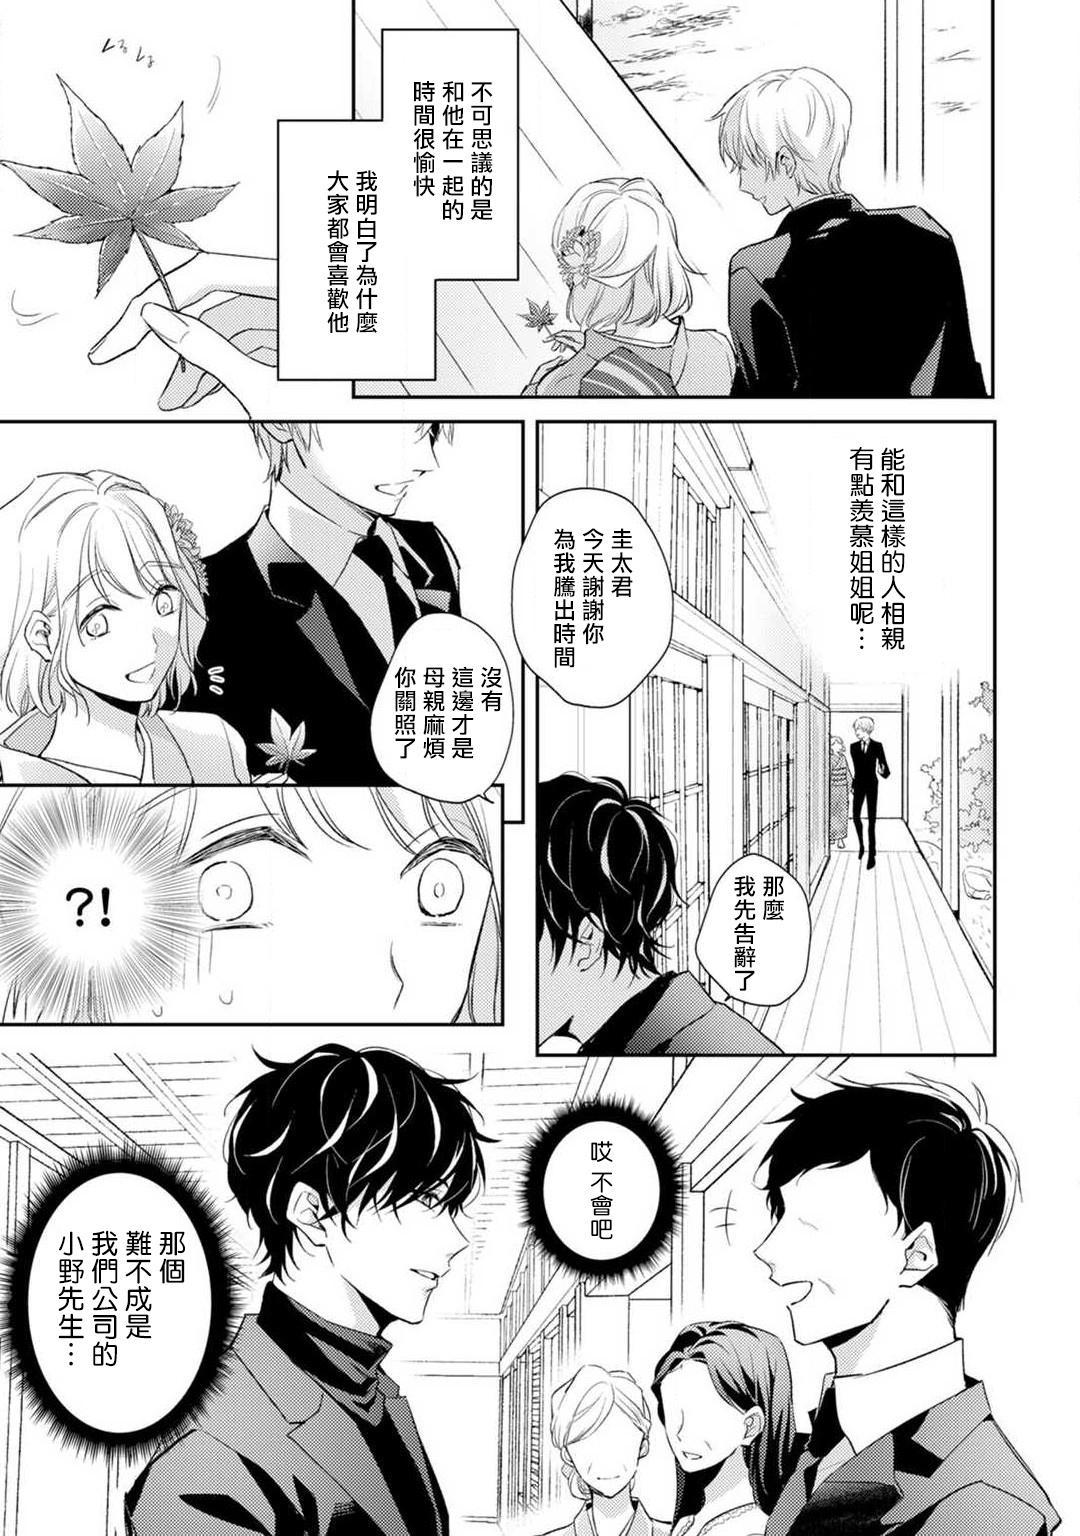 [Shichigatsu Motomi]  Sonna Kao shite, Sasotteru? ~Dekiai Shachou to Migawari Omiaikekkon!?~ 1-7 | 這種表情,在誘惑我嗎?~溺愛社長和替身相親結婚!? act.1 [Chinese] [拾荒者汉化组] 13